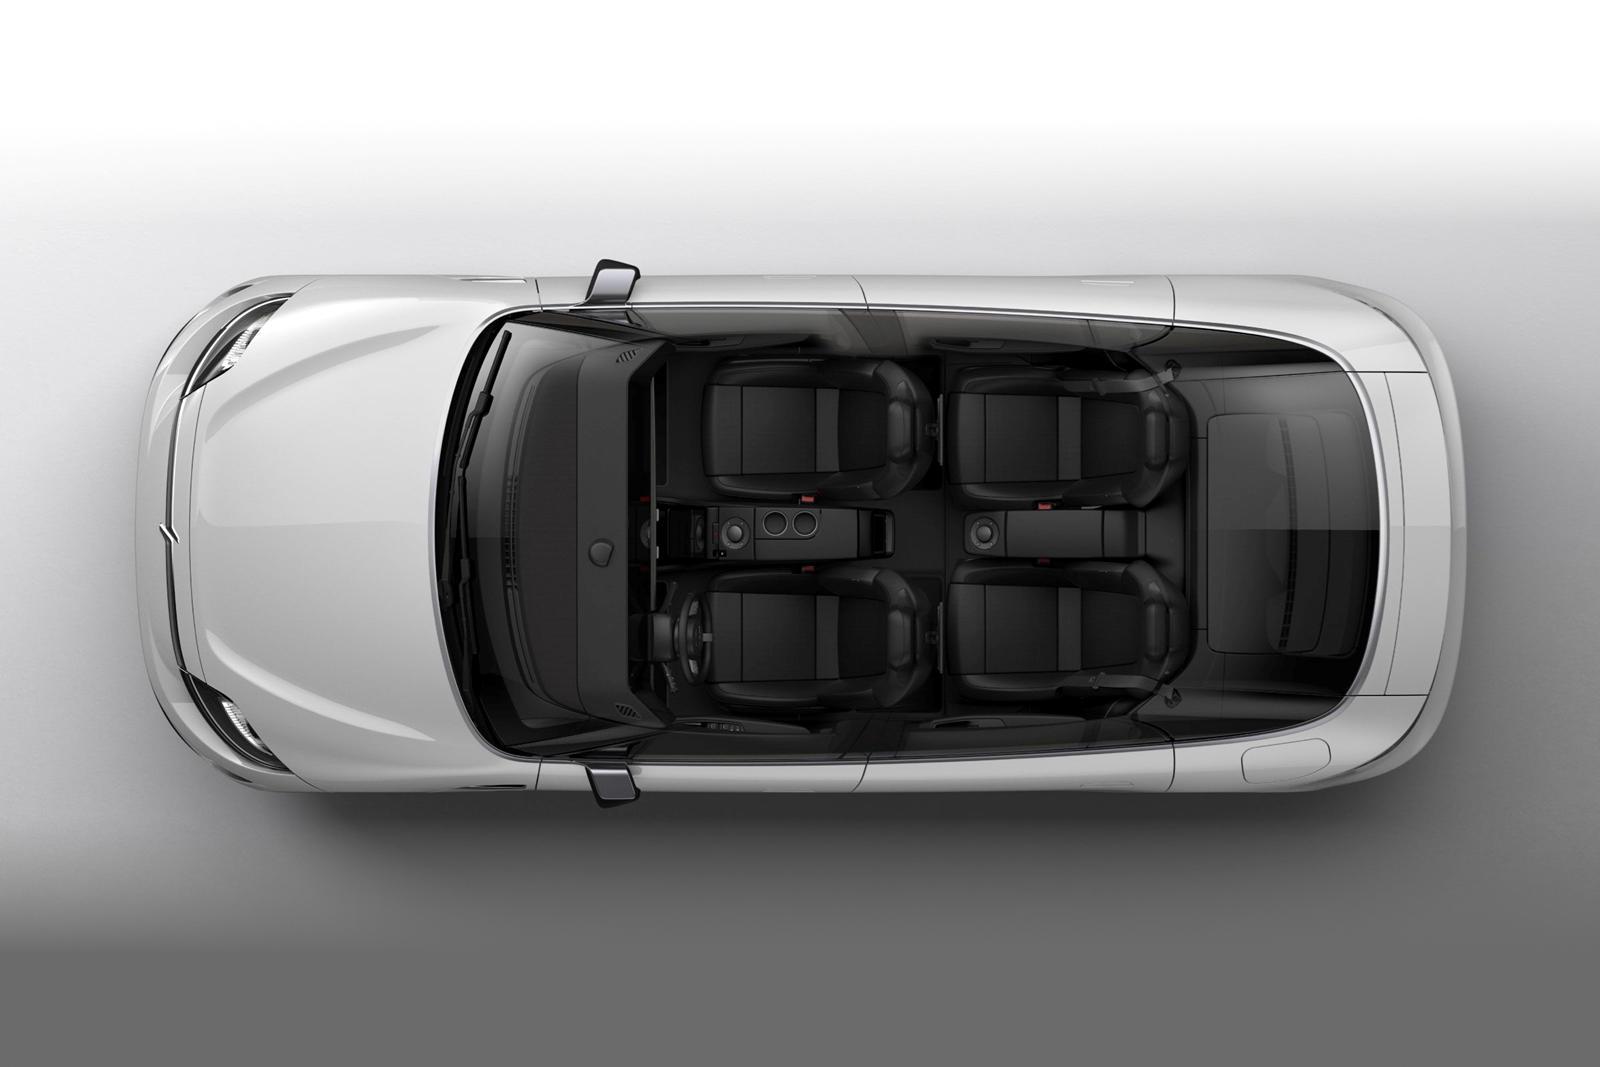 «В настоящее время у нас нет планов по серийному производству или продаже автомобиля. Поскольку мобильность, как ожидается, станет основным мегатрендом будущего, мы изучаем, как Sony может внести значимый вклад в эру автономного вождения».